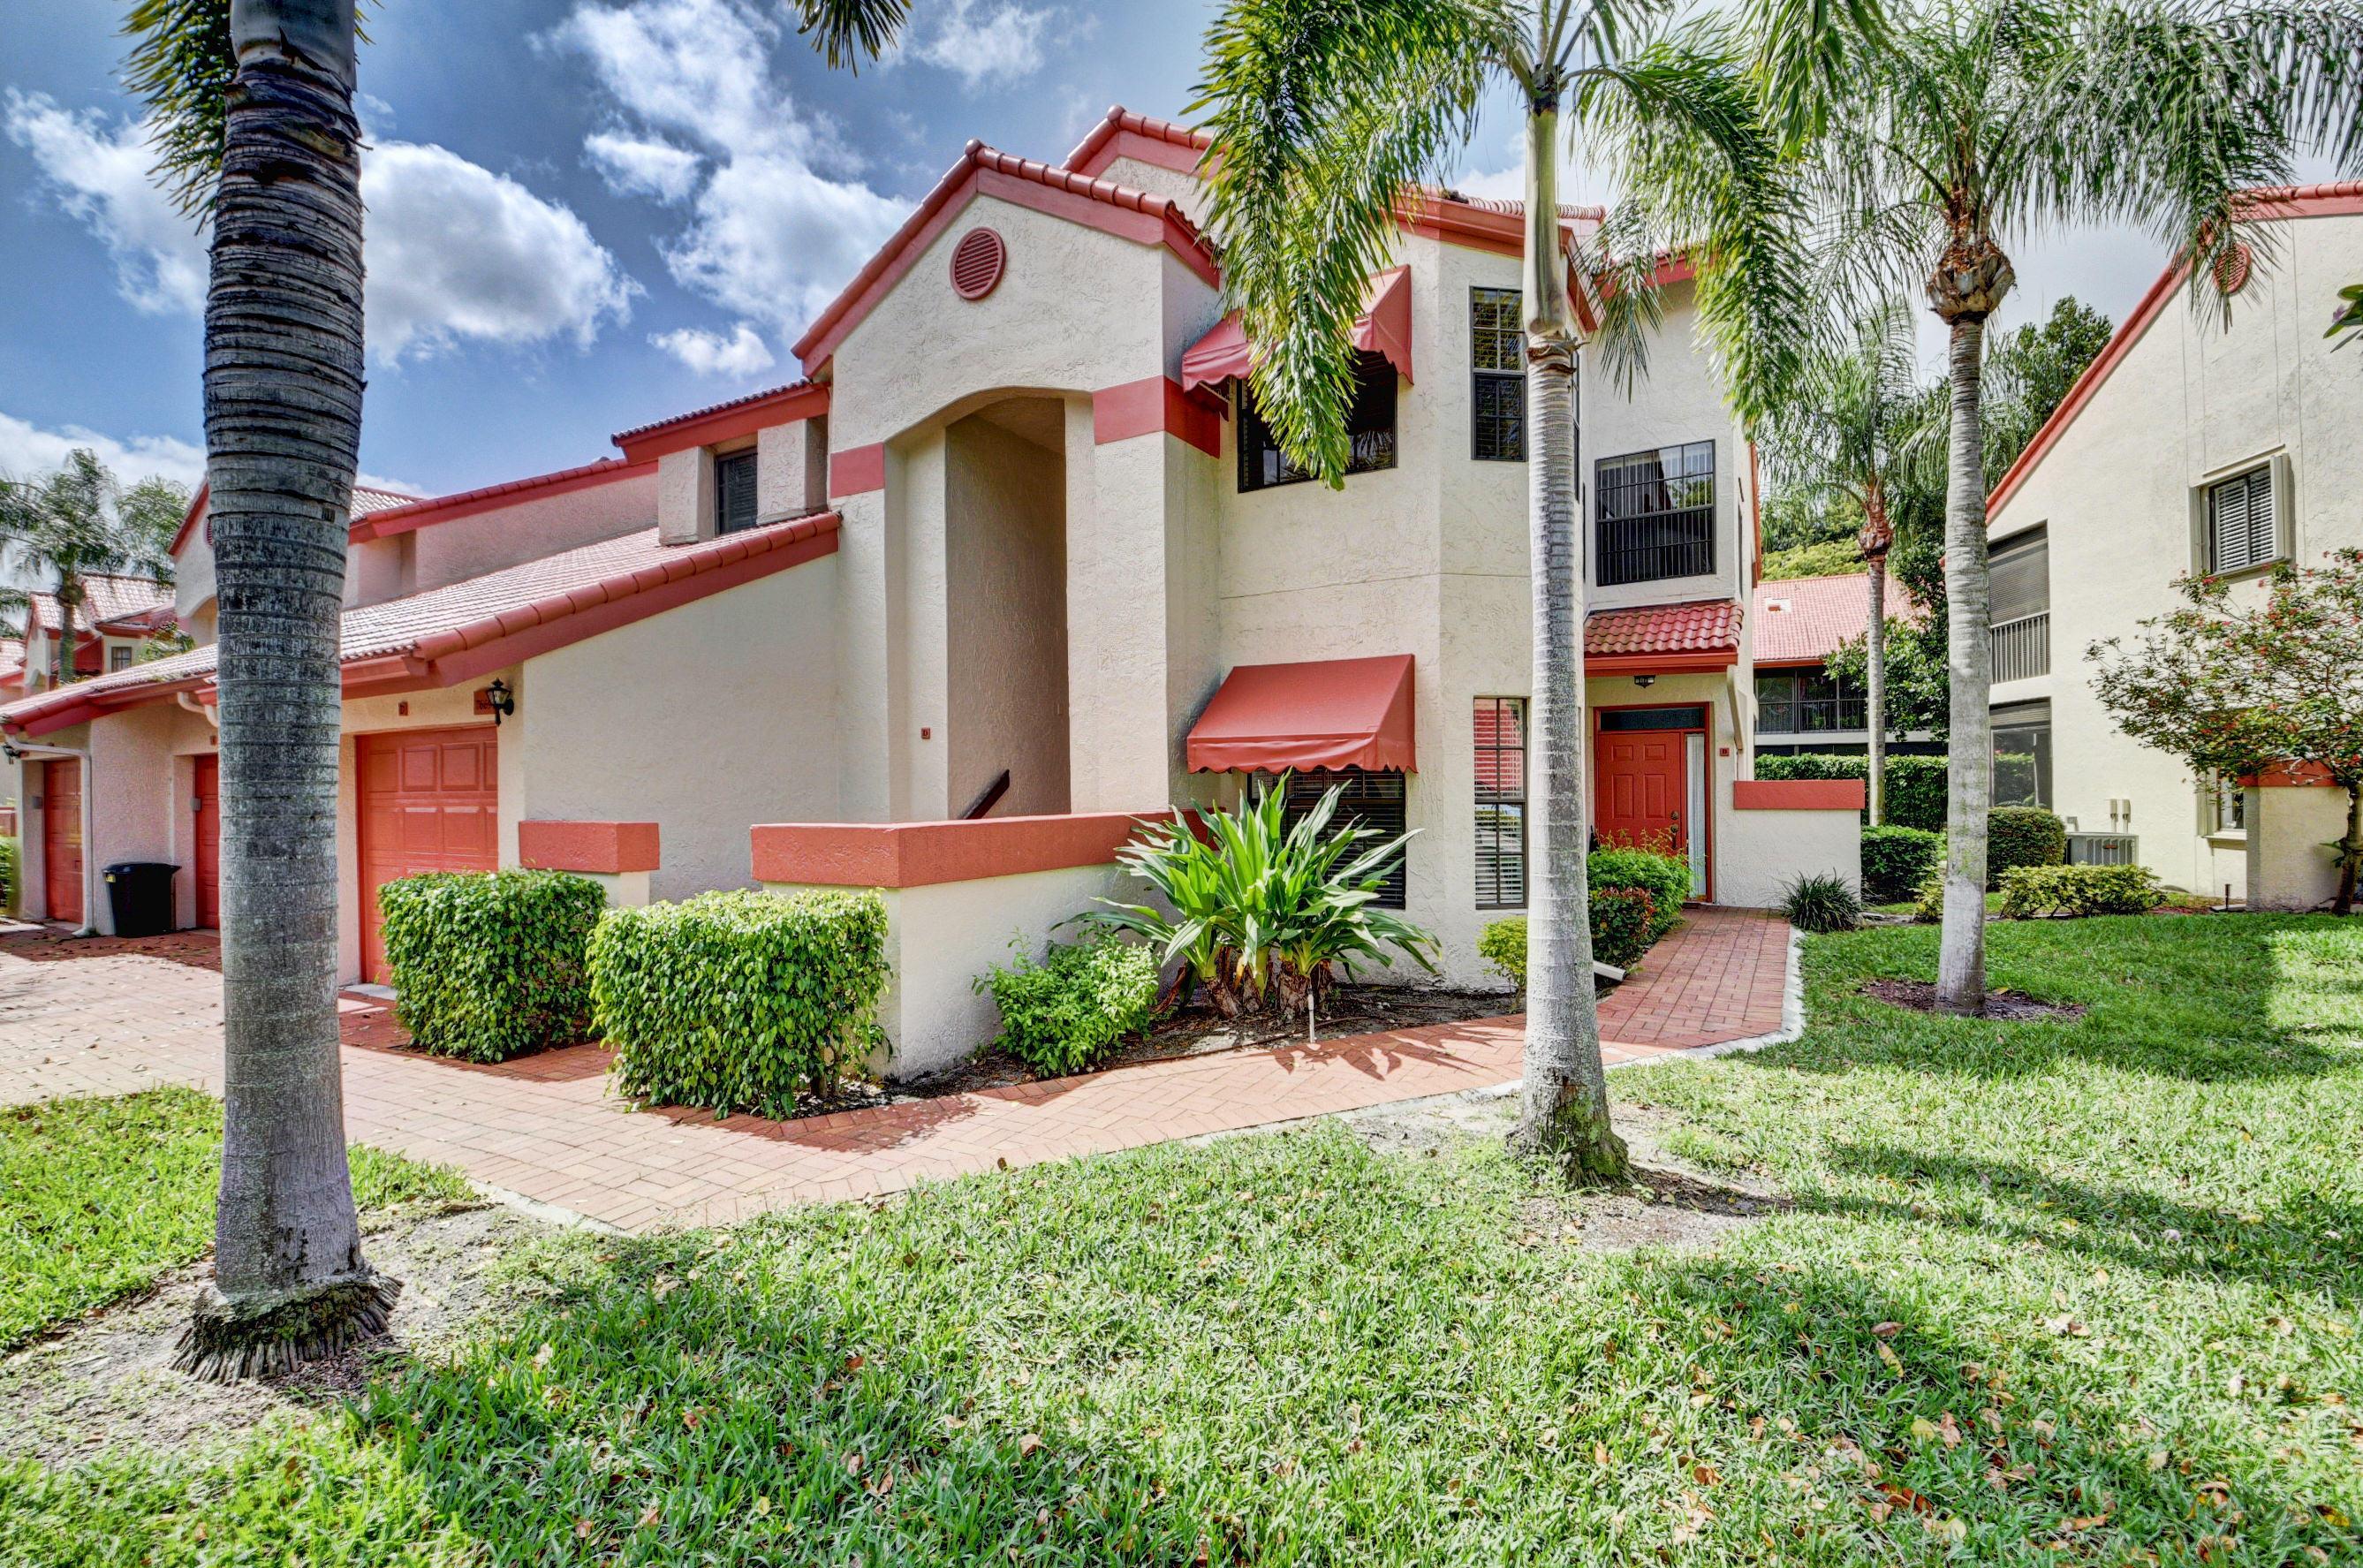 LEXINGTON CLUB VILLAS CONDO home 7669 Lexington Club Boulevard Delray Beach FL 33446